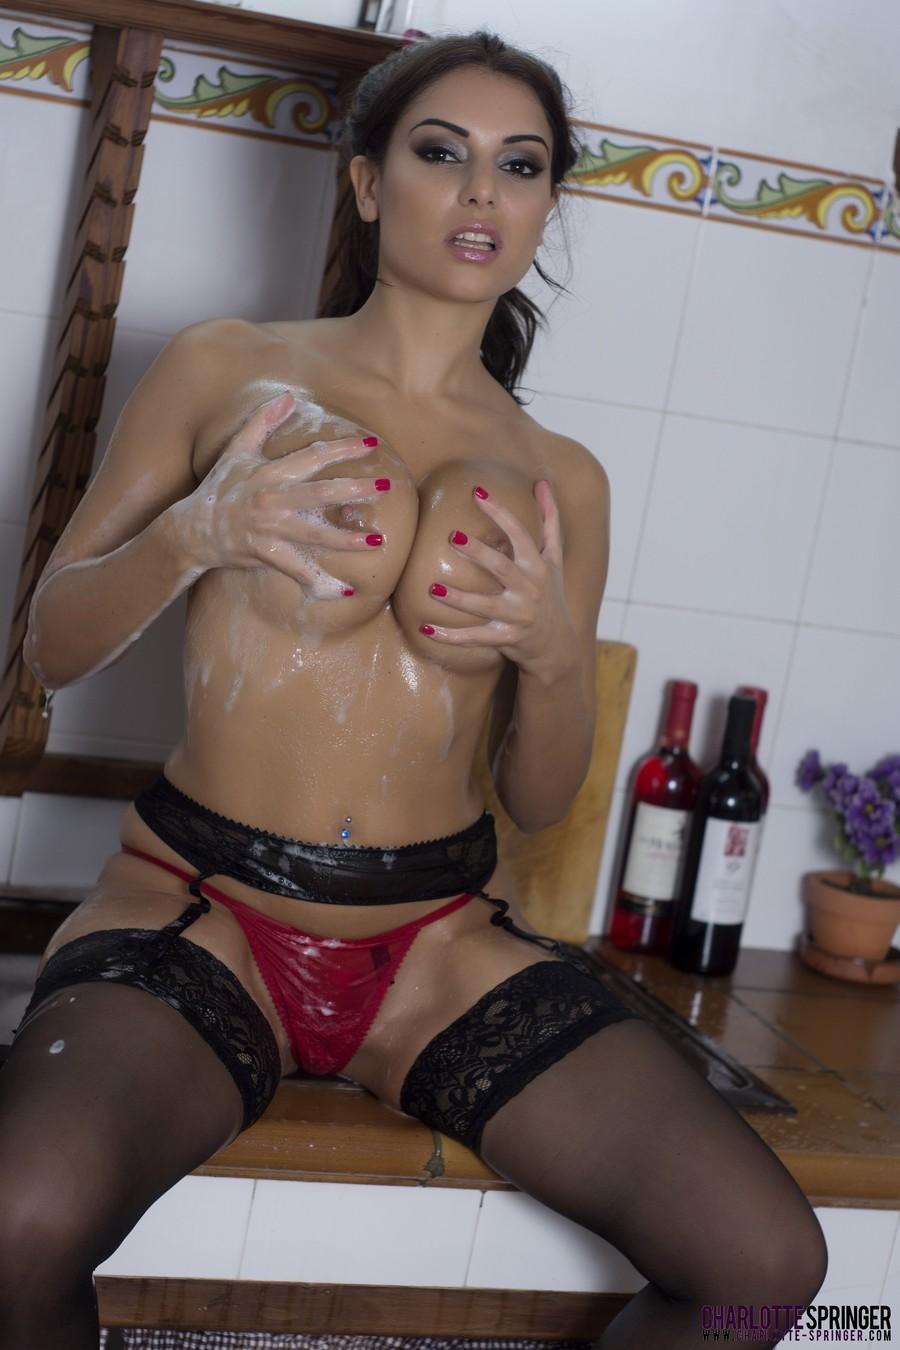 fotos-sexy-morena-de-luxo-brinca-com-sabao-na-cozinha-em-lingerie-rosa-15